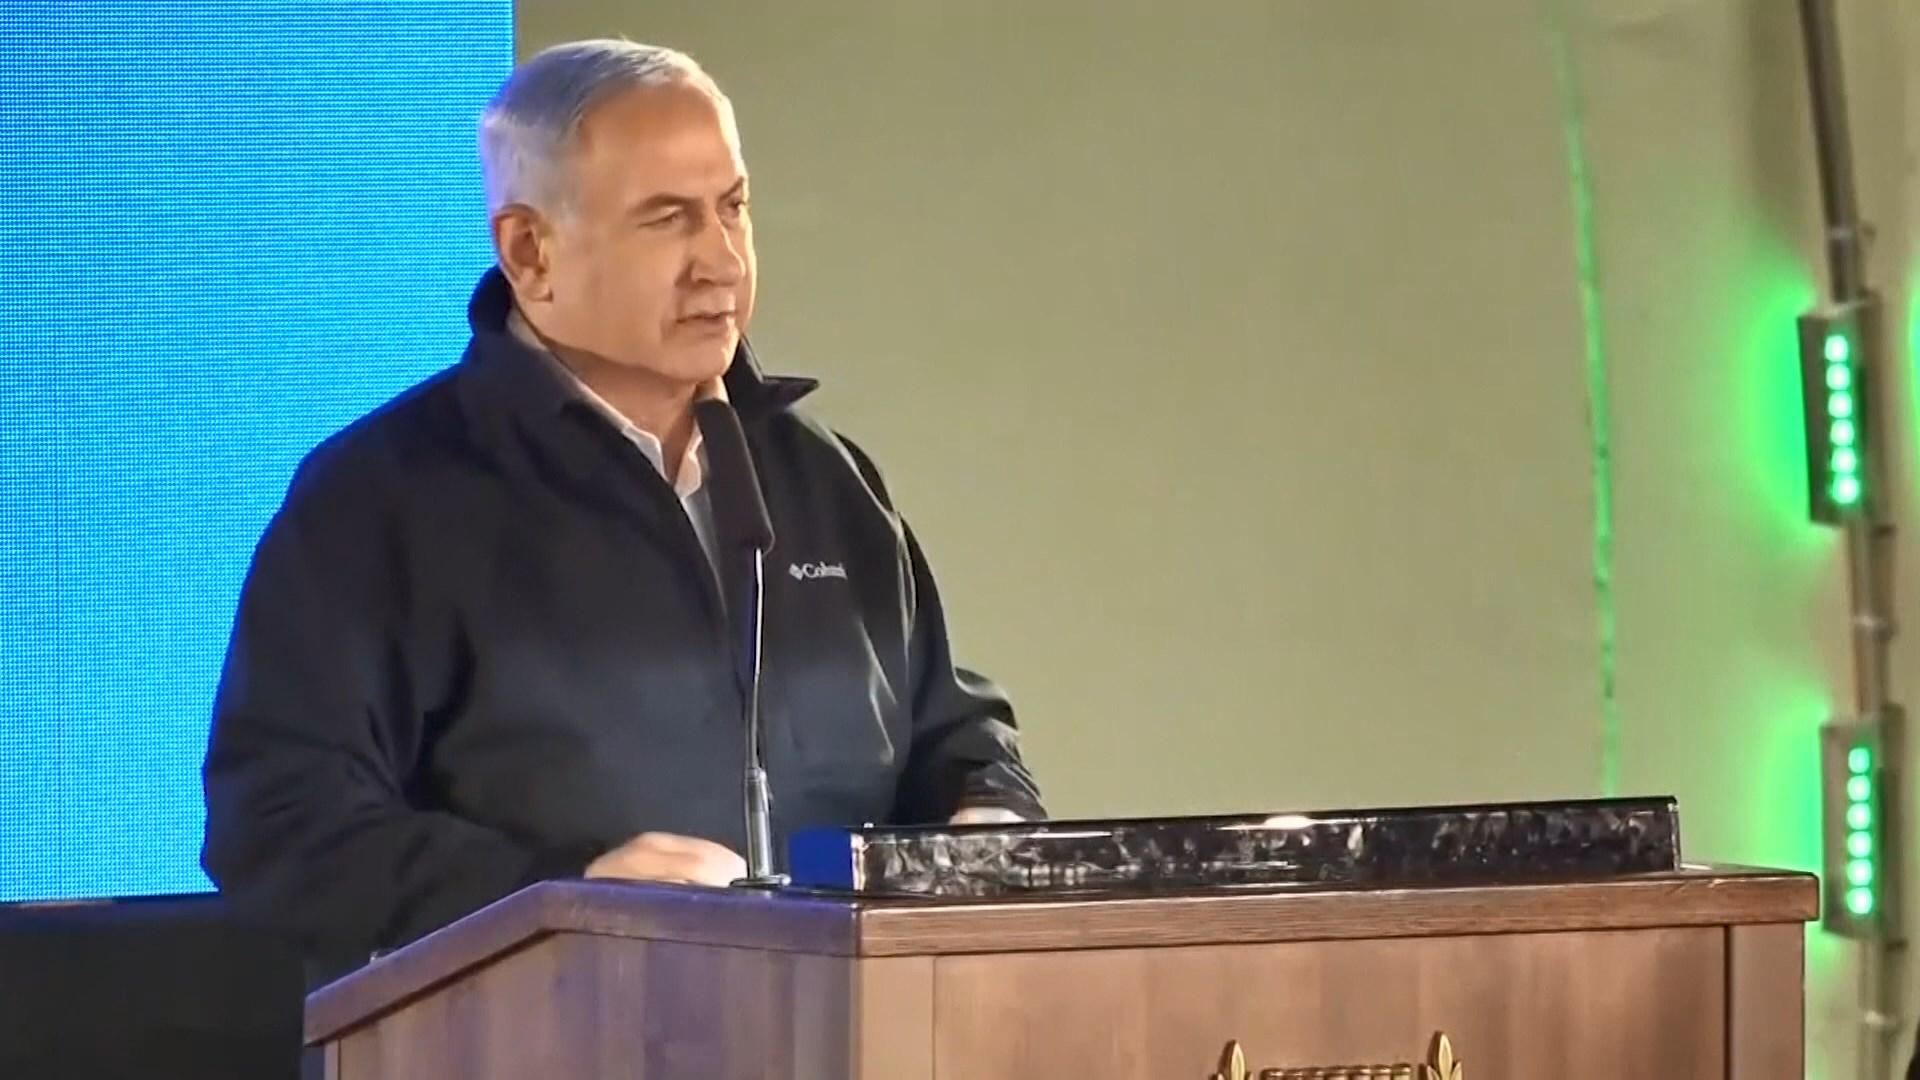 以色列大選 內塔尼亞胡與甘茨勢均力敵